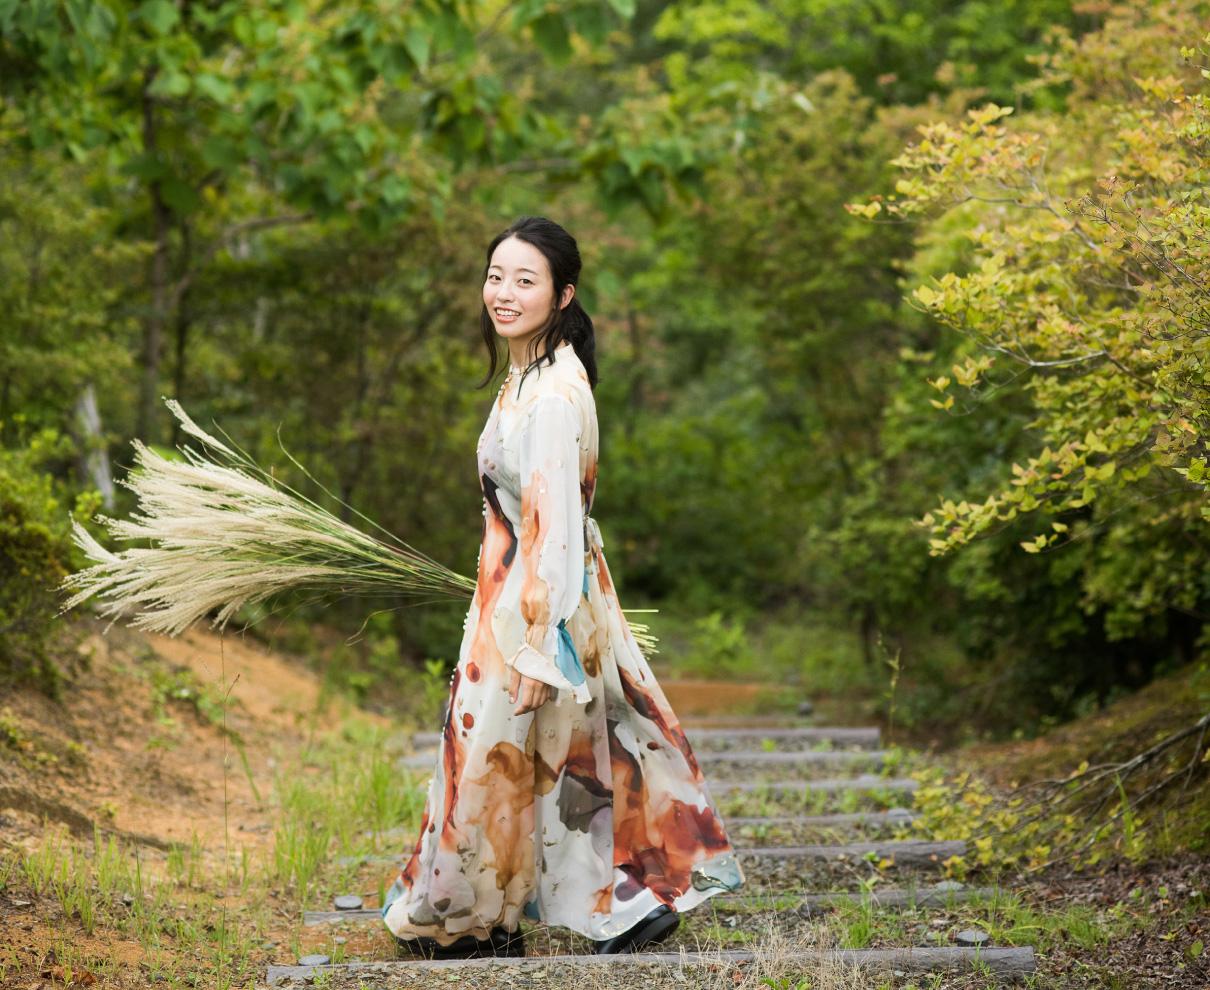 【月刊URALA 10月号】Cover Story みどりに包まれる、癒しの秋。